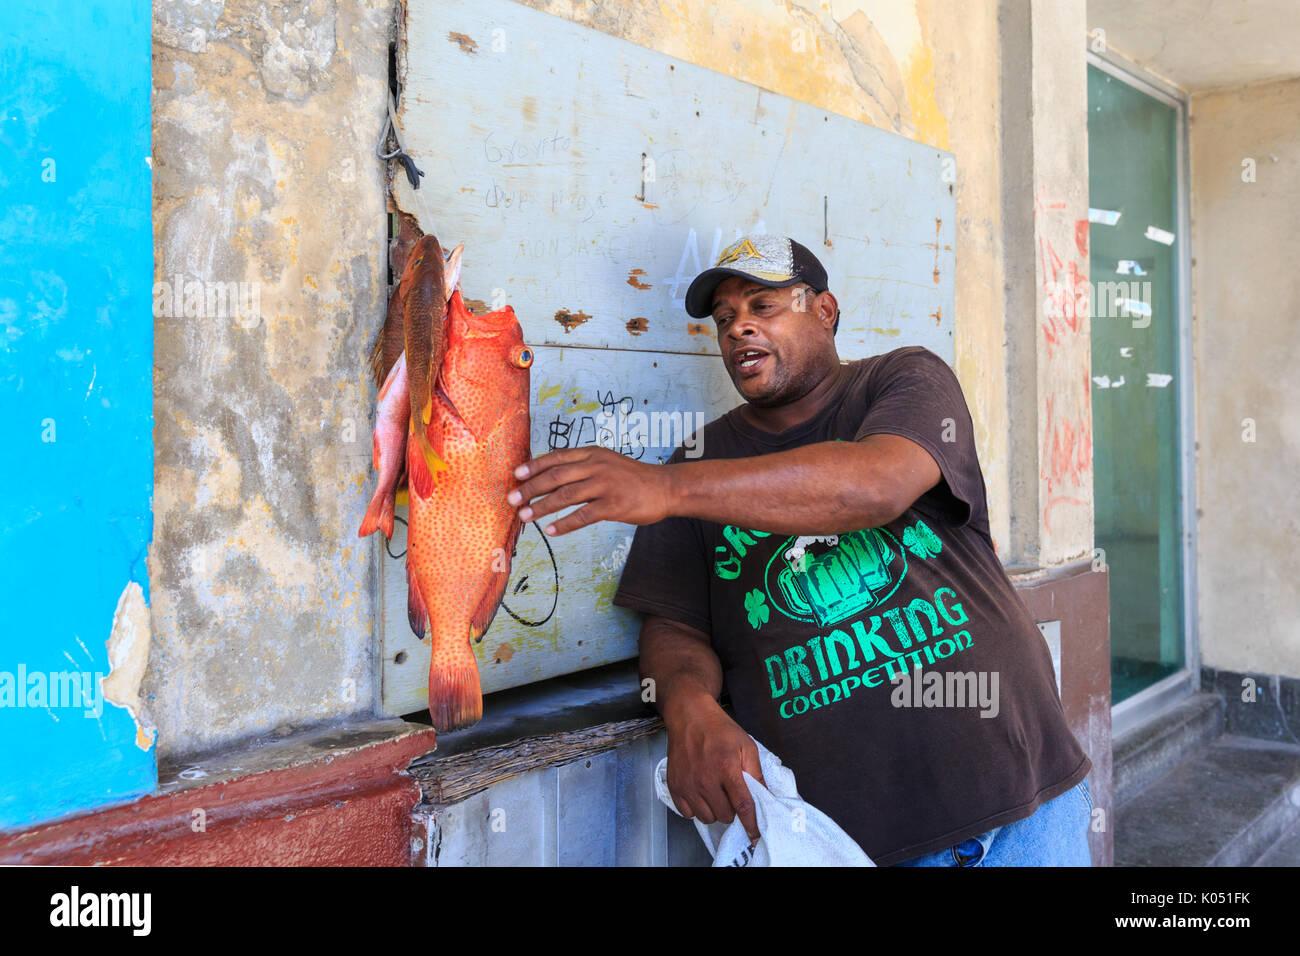 Venditore ambulante di vendere un rosso hind (chiamato anche lucky raggruppatore) pesce fresco in una strada vecchia Havana, Cuba Immagini Stock